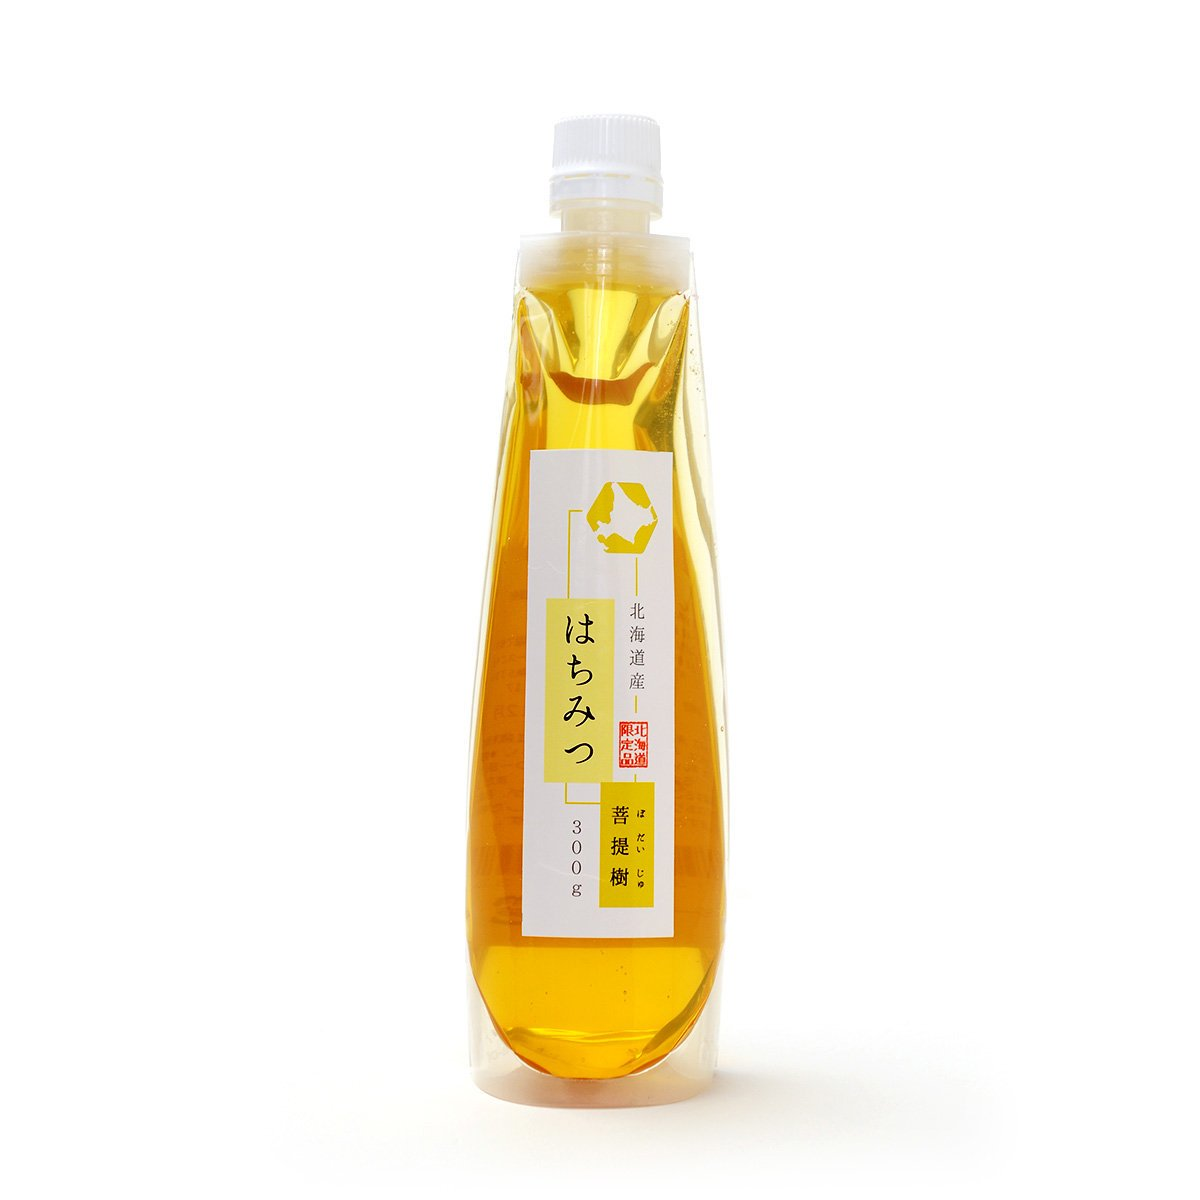 北海道産らくらく蜂蜜 菩提樹